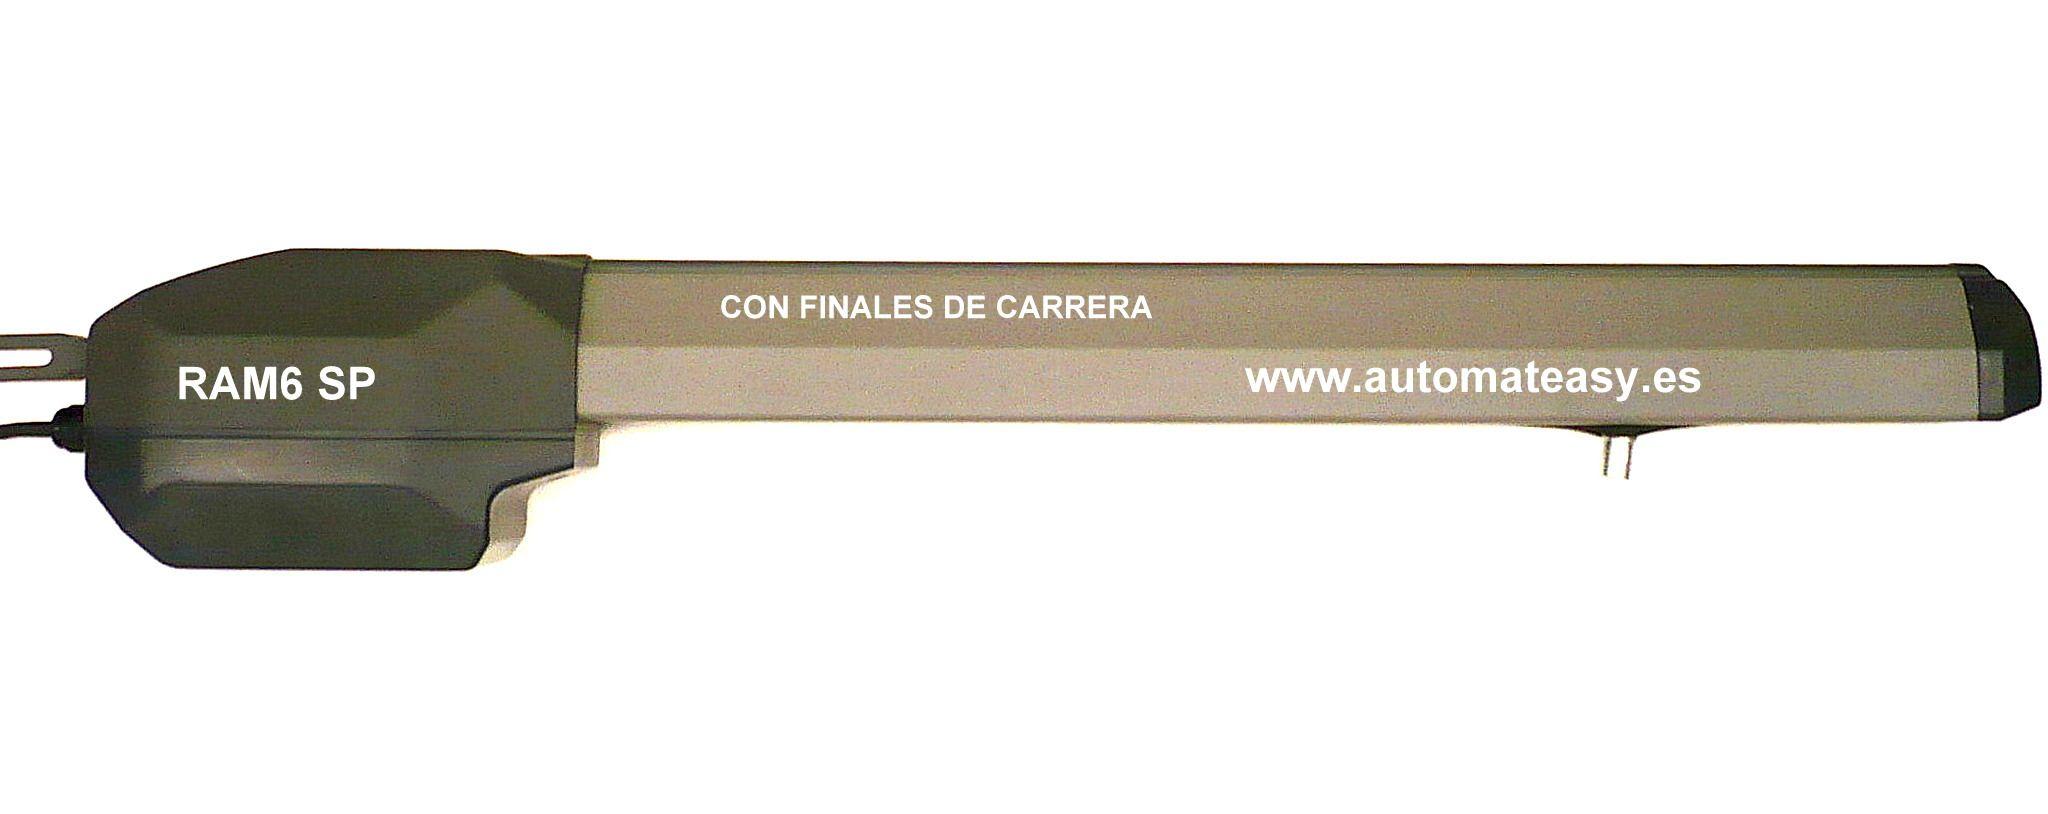 Potente y silencioso motor electromecánico de puerta batiente. visite la WEB: wwwautomateasy.es